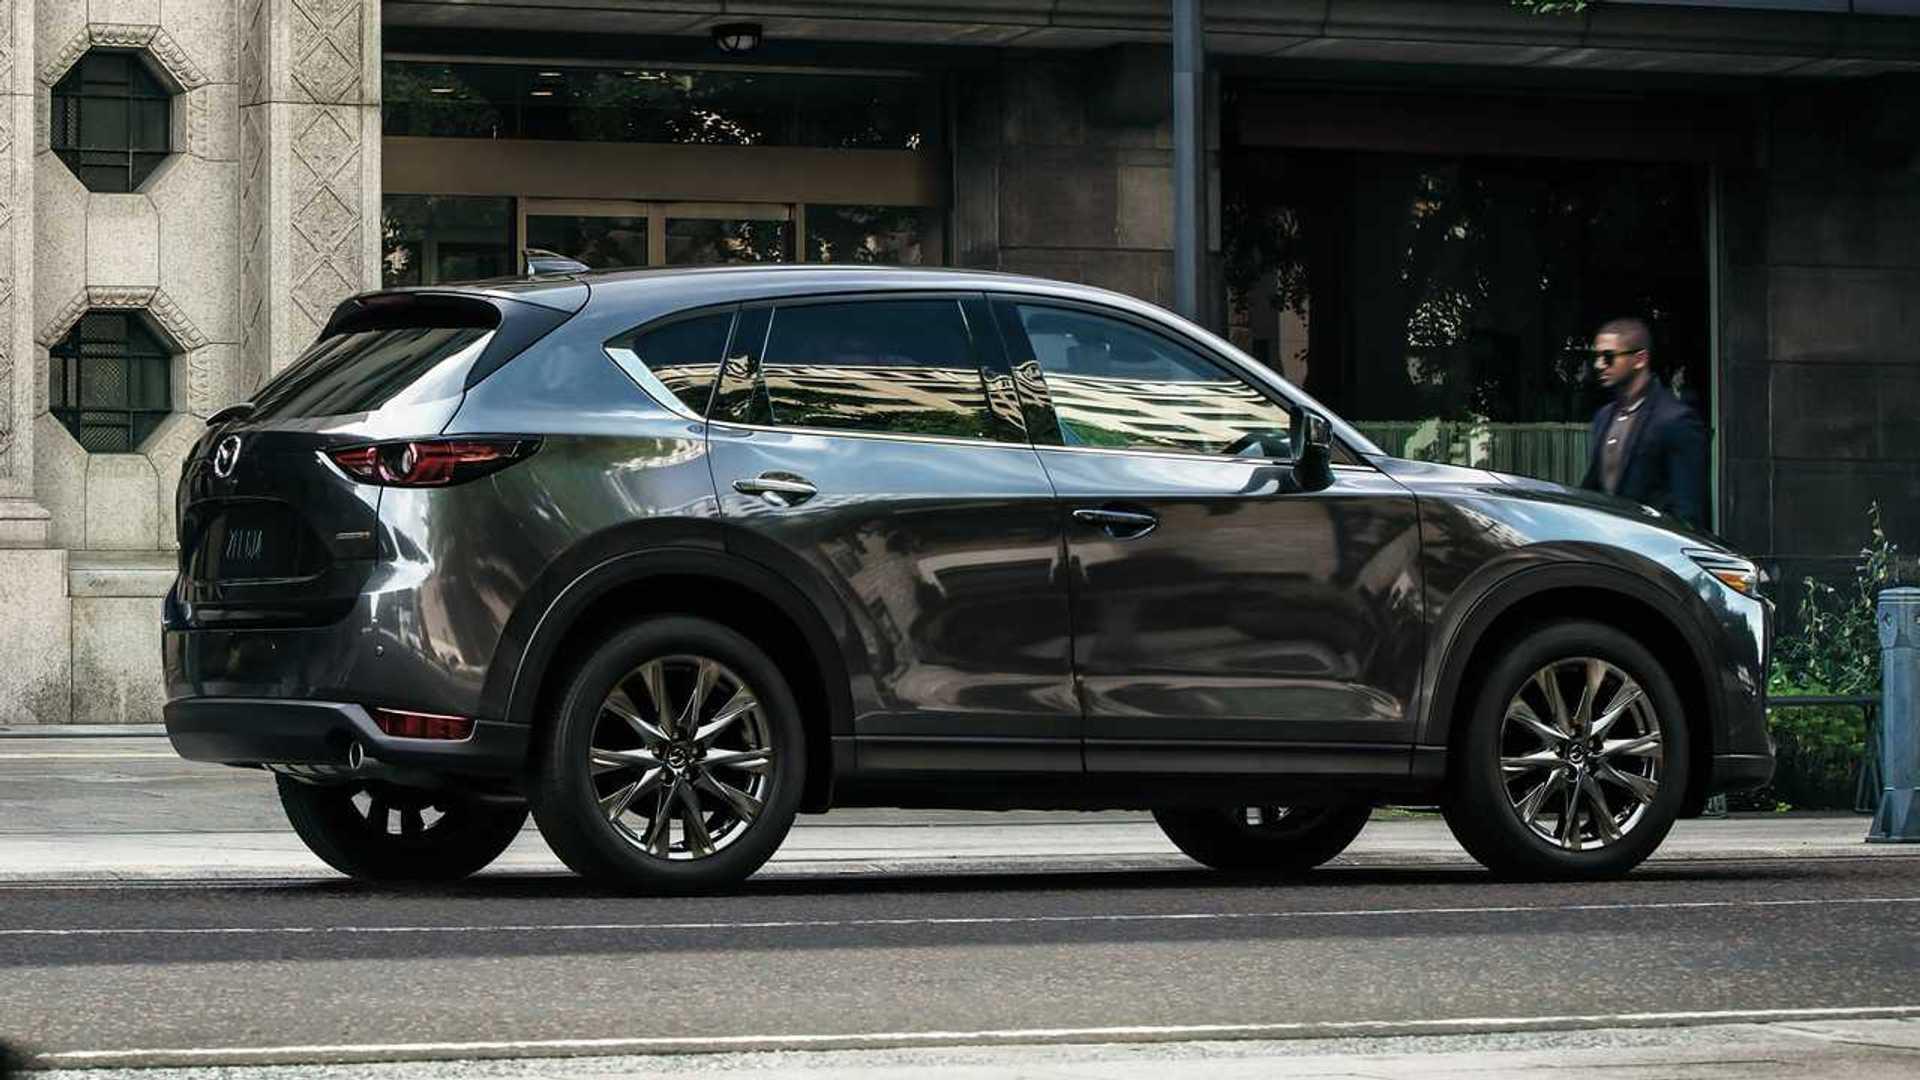 Mazda CX-5 Diesel Gets $10,000 Discount